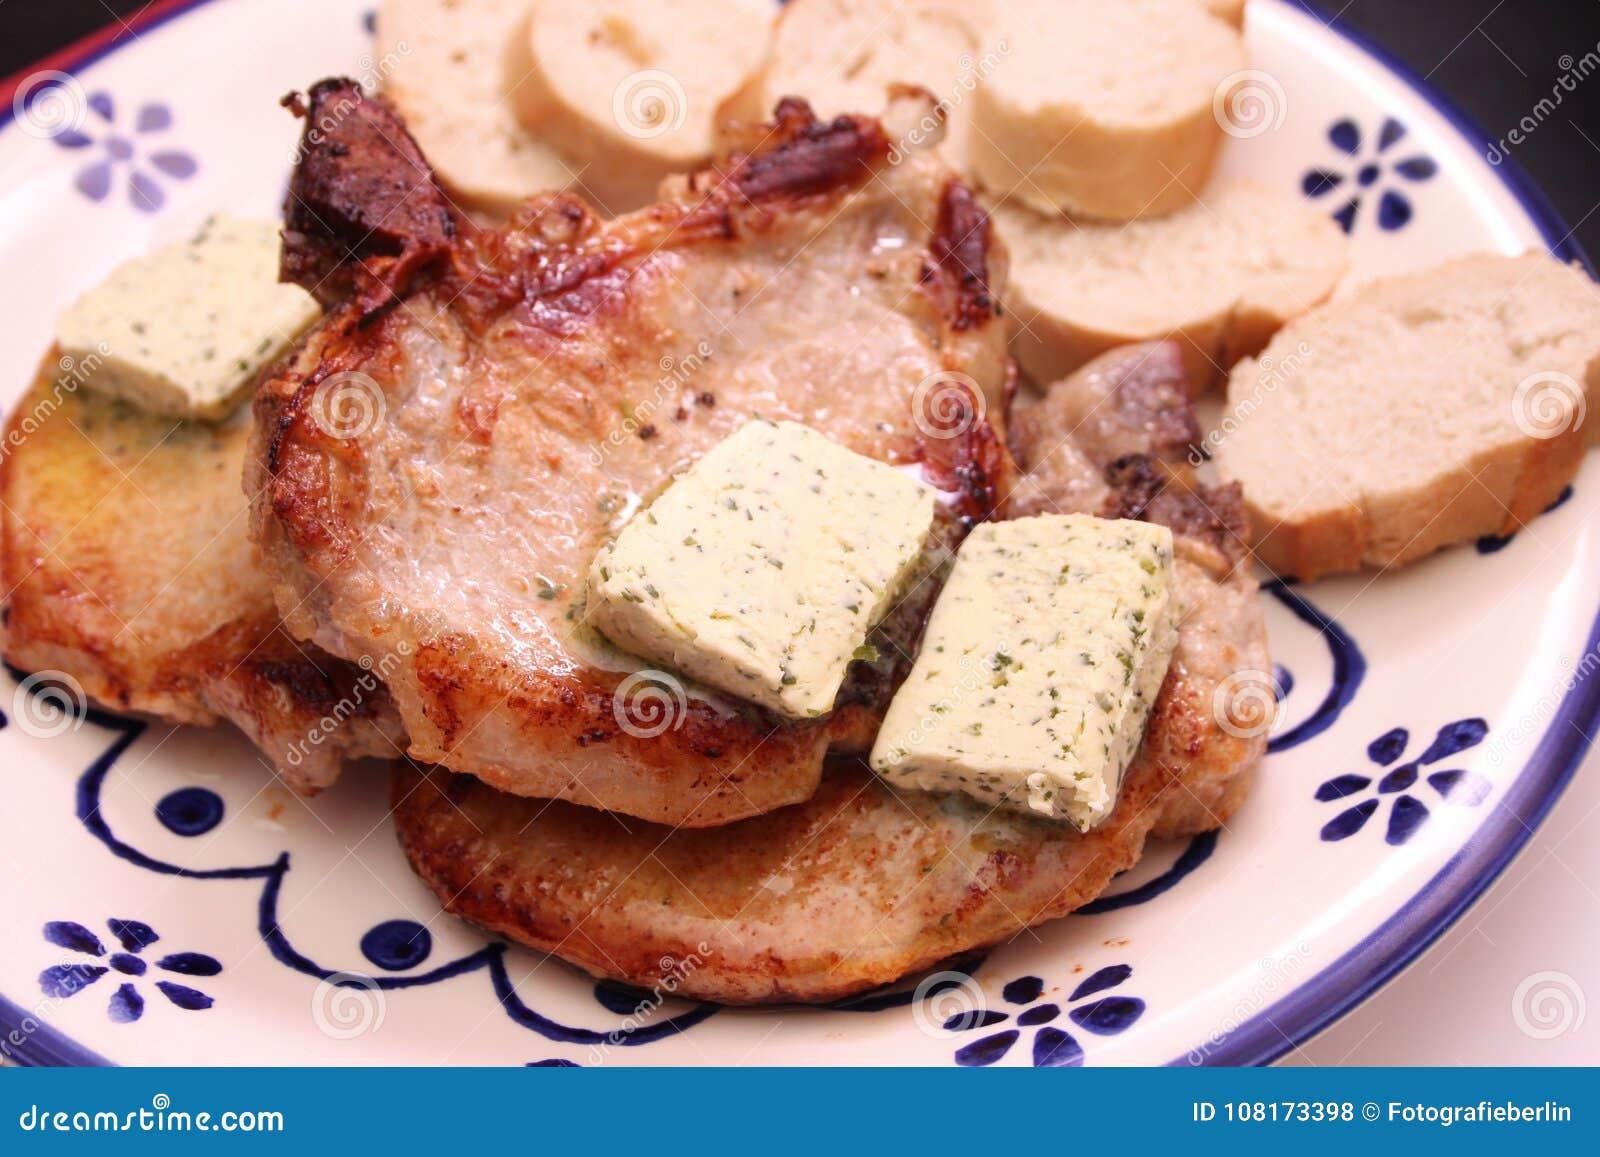 Grilled meat pork